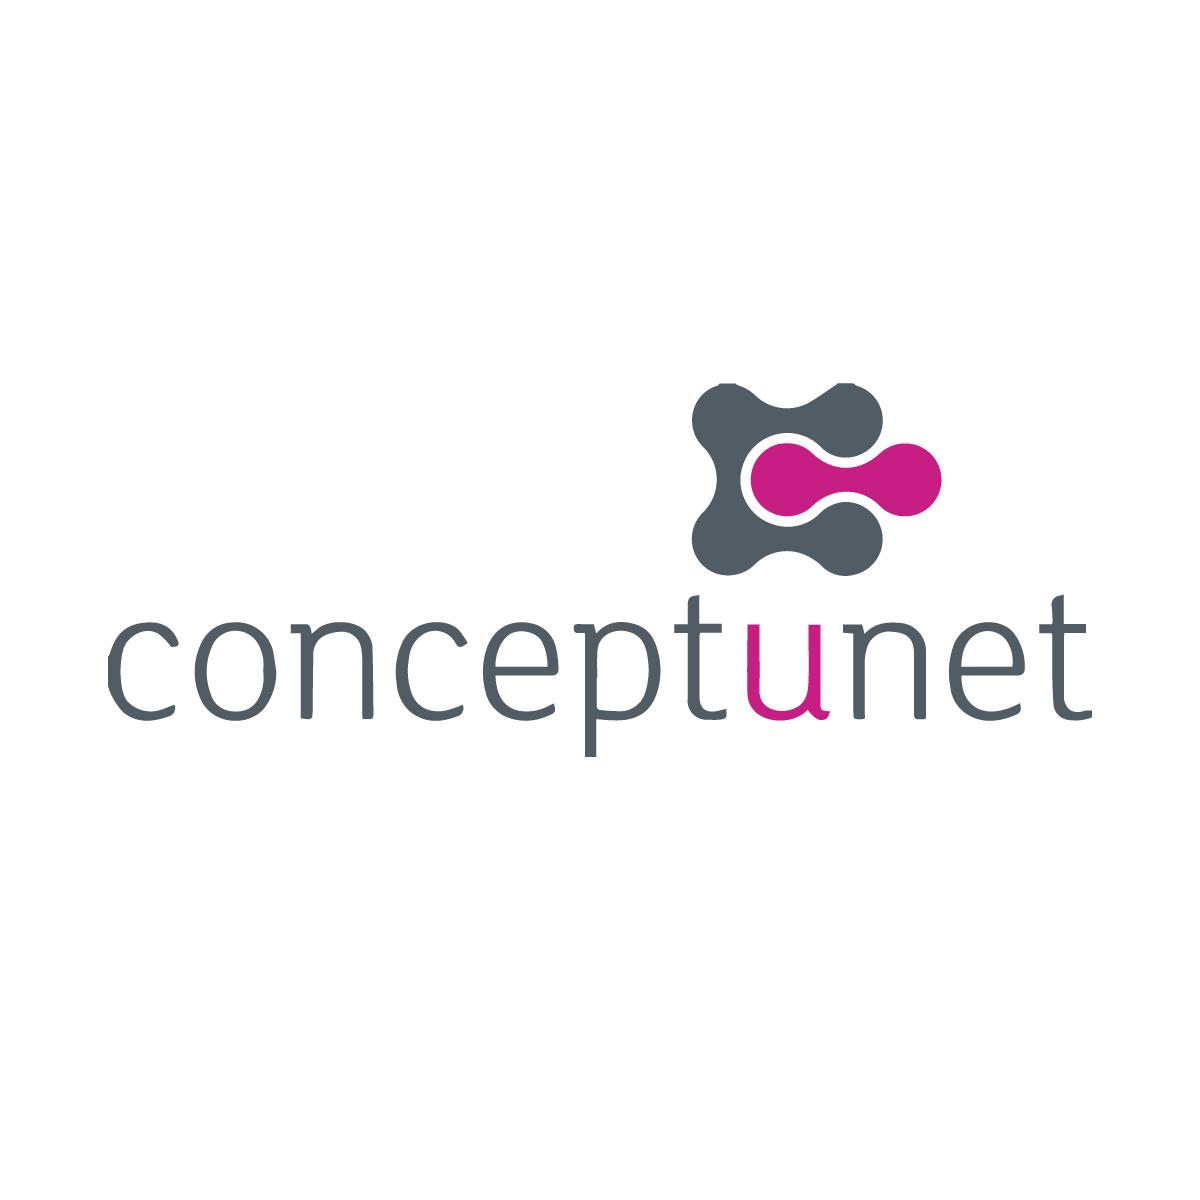 blog  u2014 conceptunet